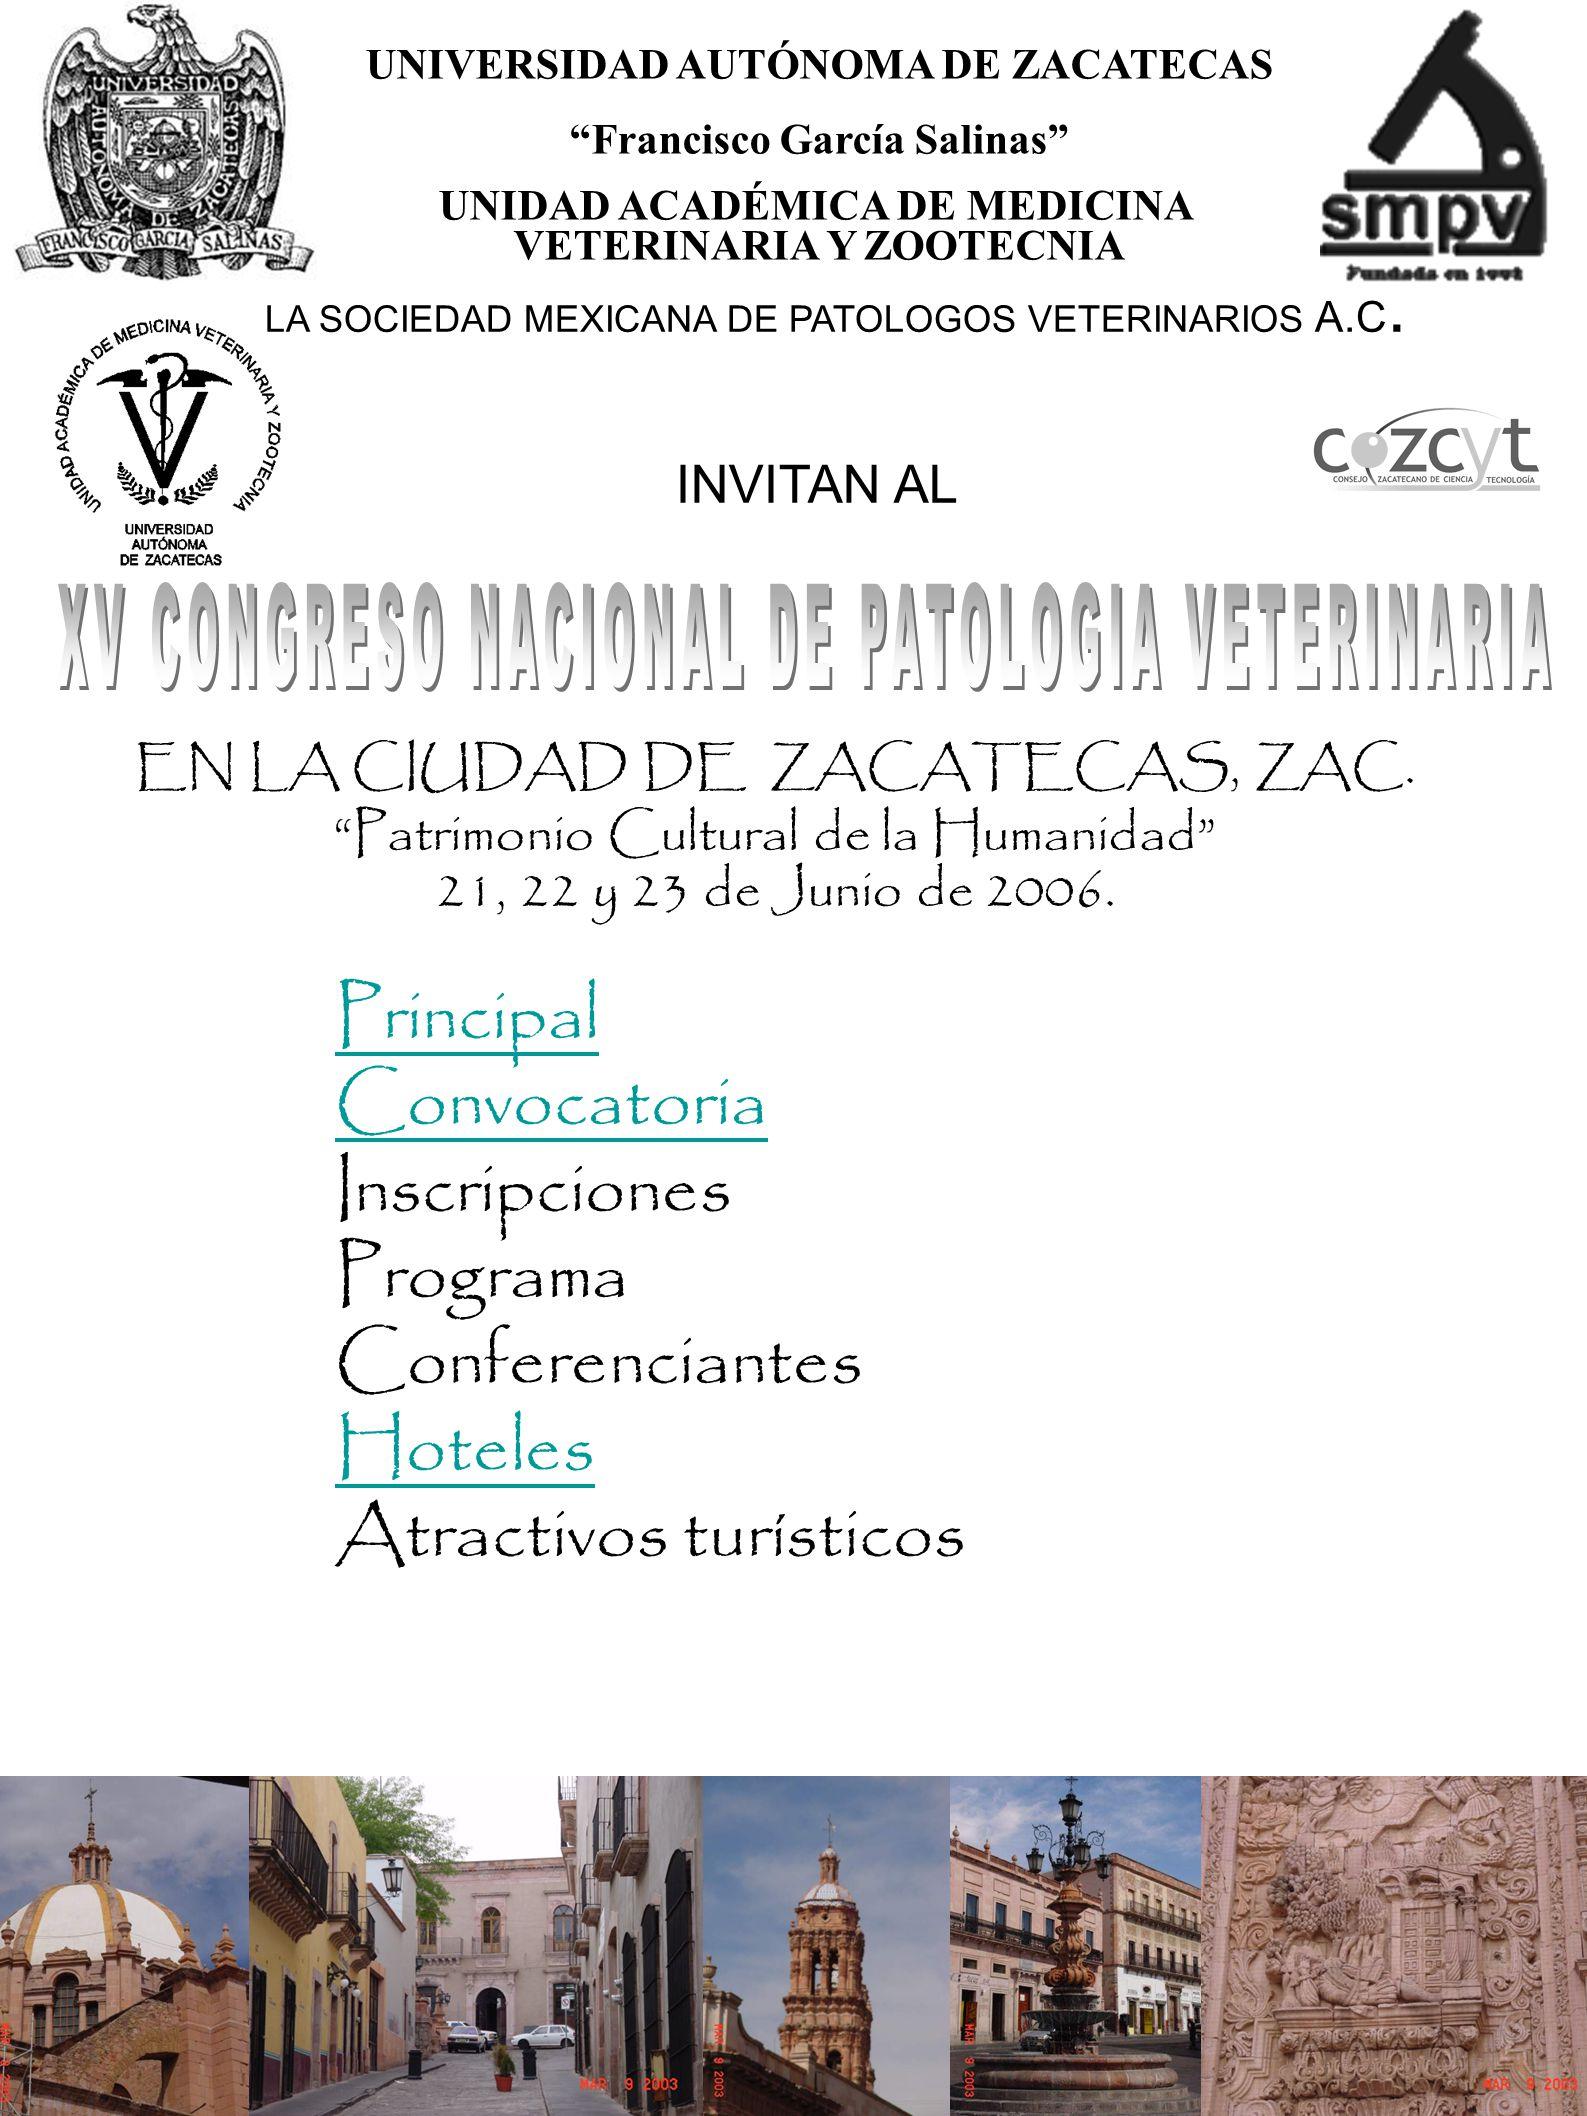 2 UNIVERSIDAD AUTÓNOMA DE ZACATECAS Francisco García Salinas UNIDAD ACADÉMICA DE MEDICINA VETERINARIA Y ZOOTECNIA INVITAN AL EN LA CIUDAD DE ZACATECAS